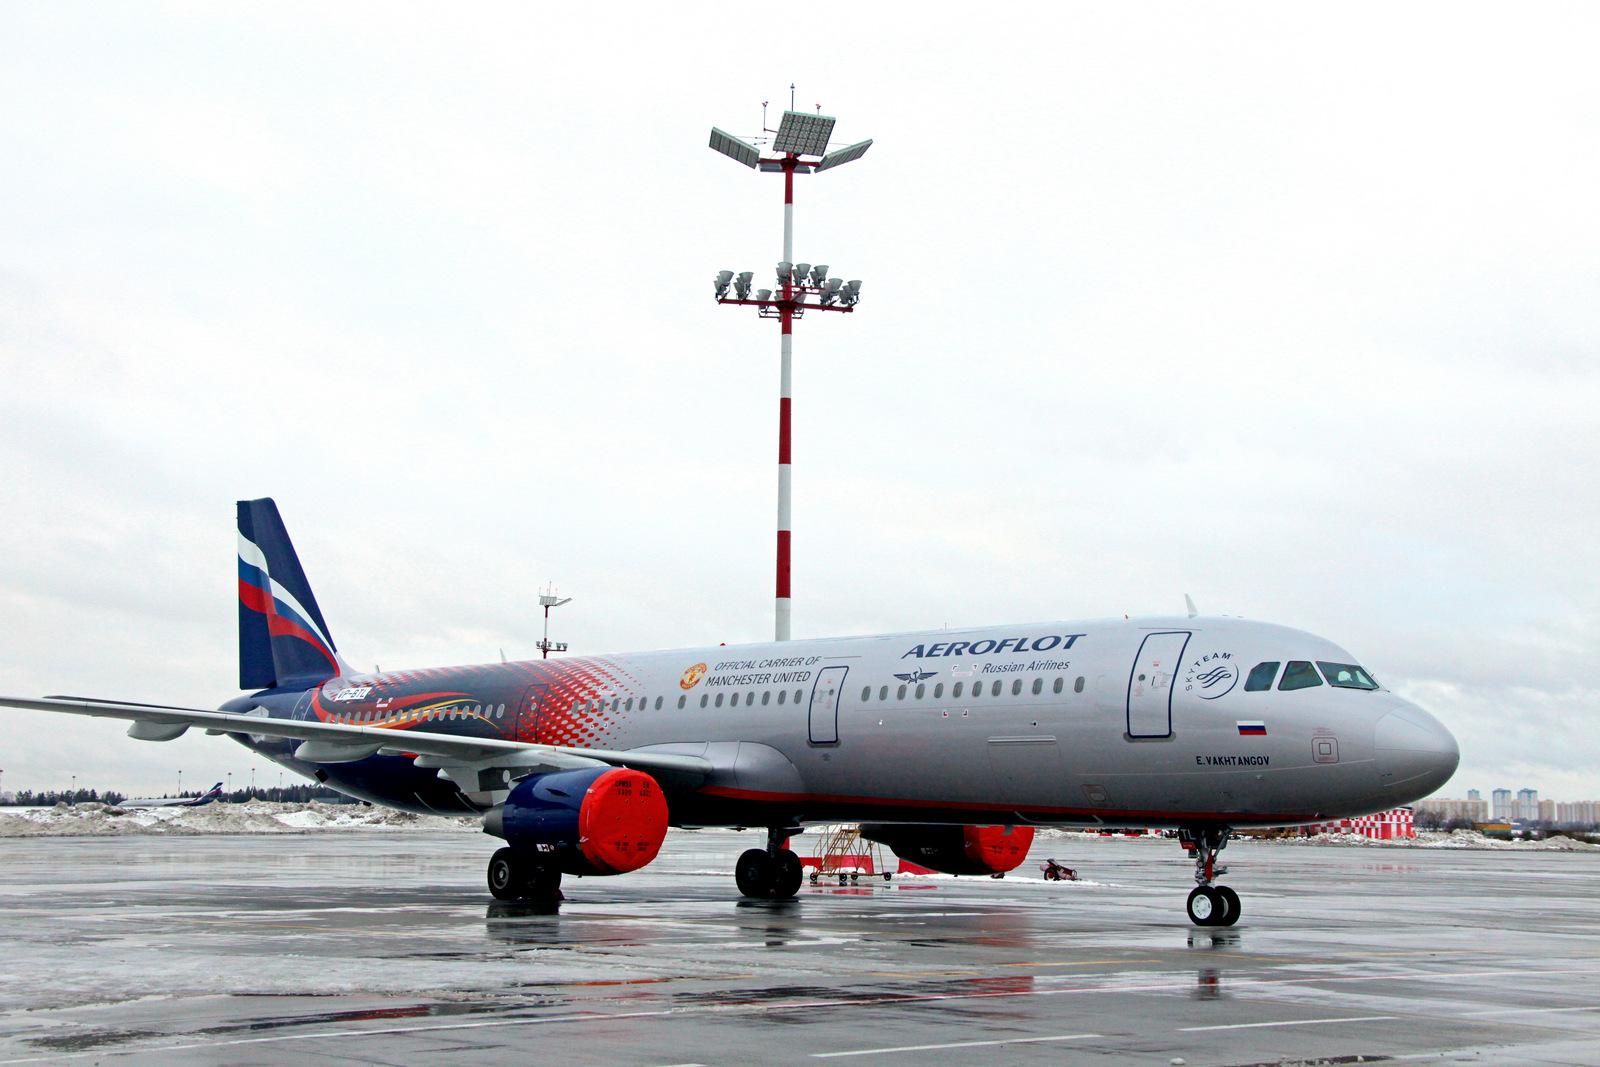 Aeroflot's Manchester United's Airbus